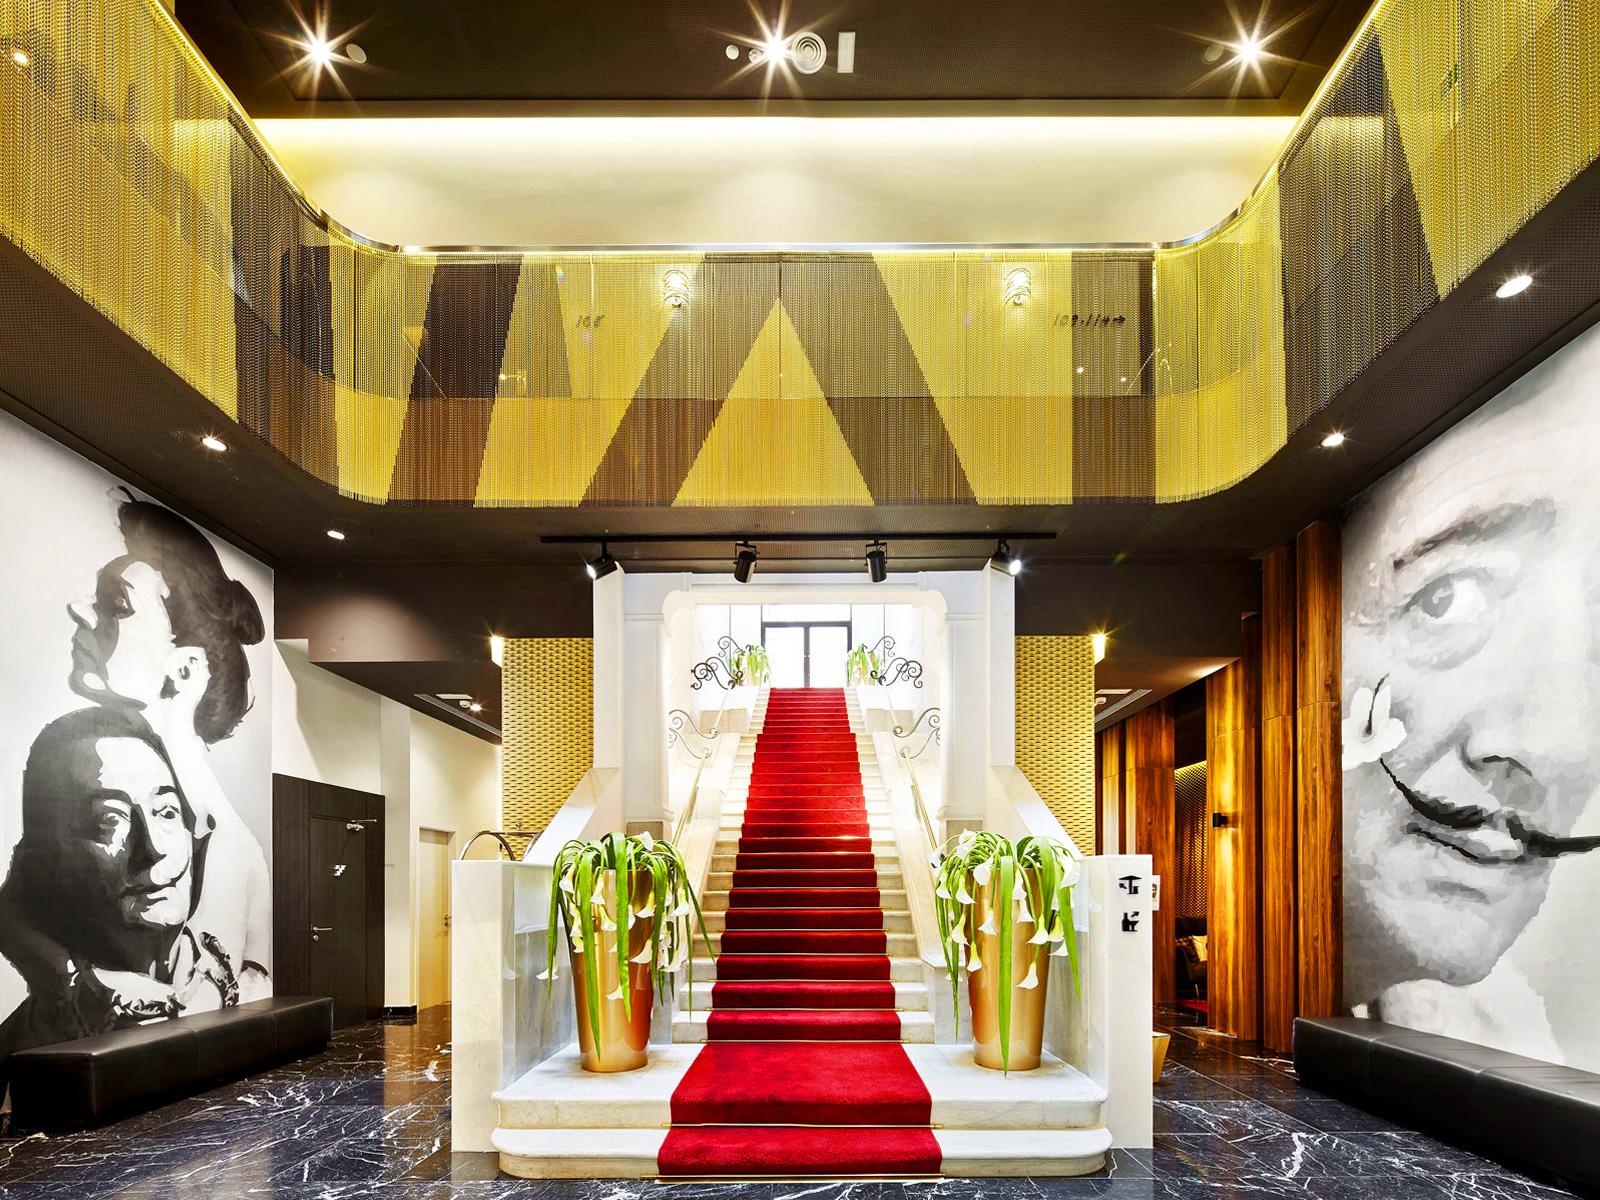 Vincci&Specials - Vincci Hotels